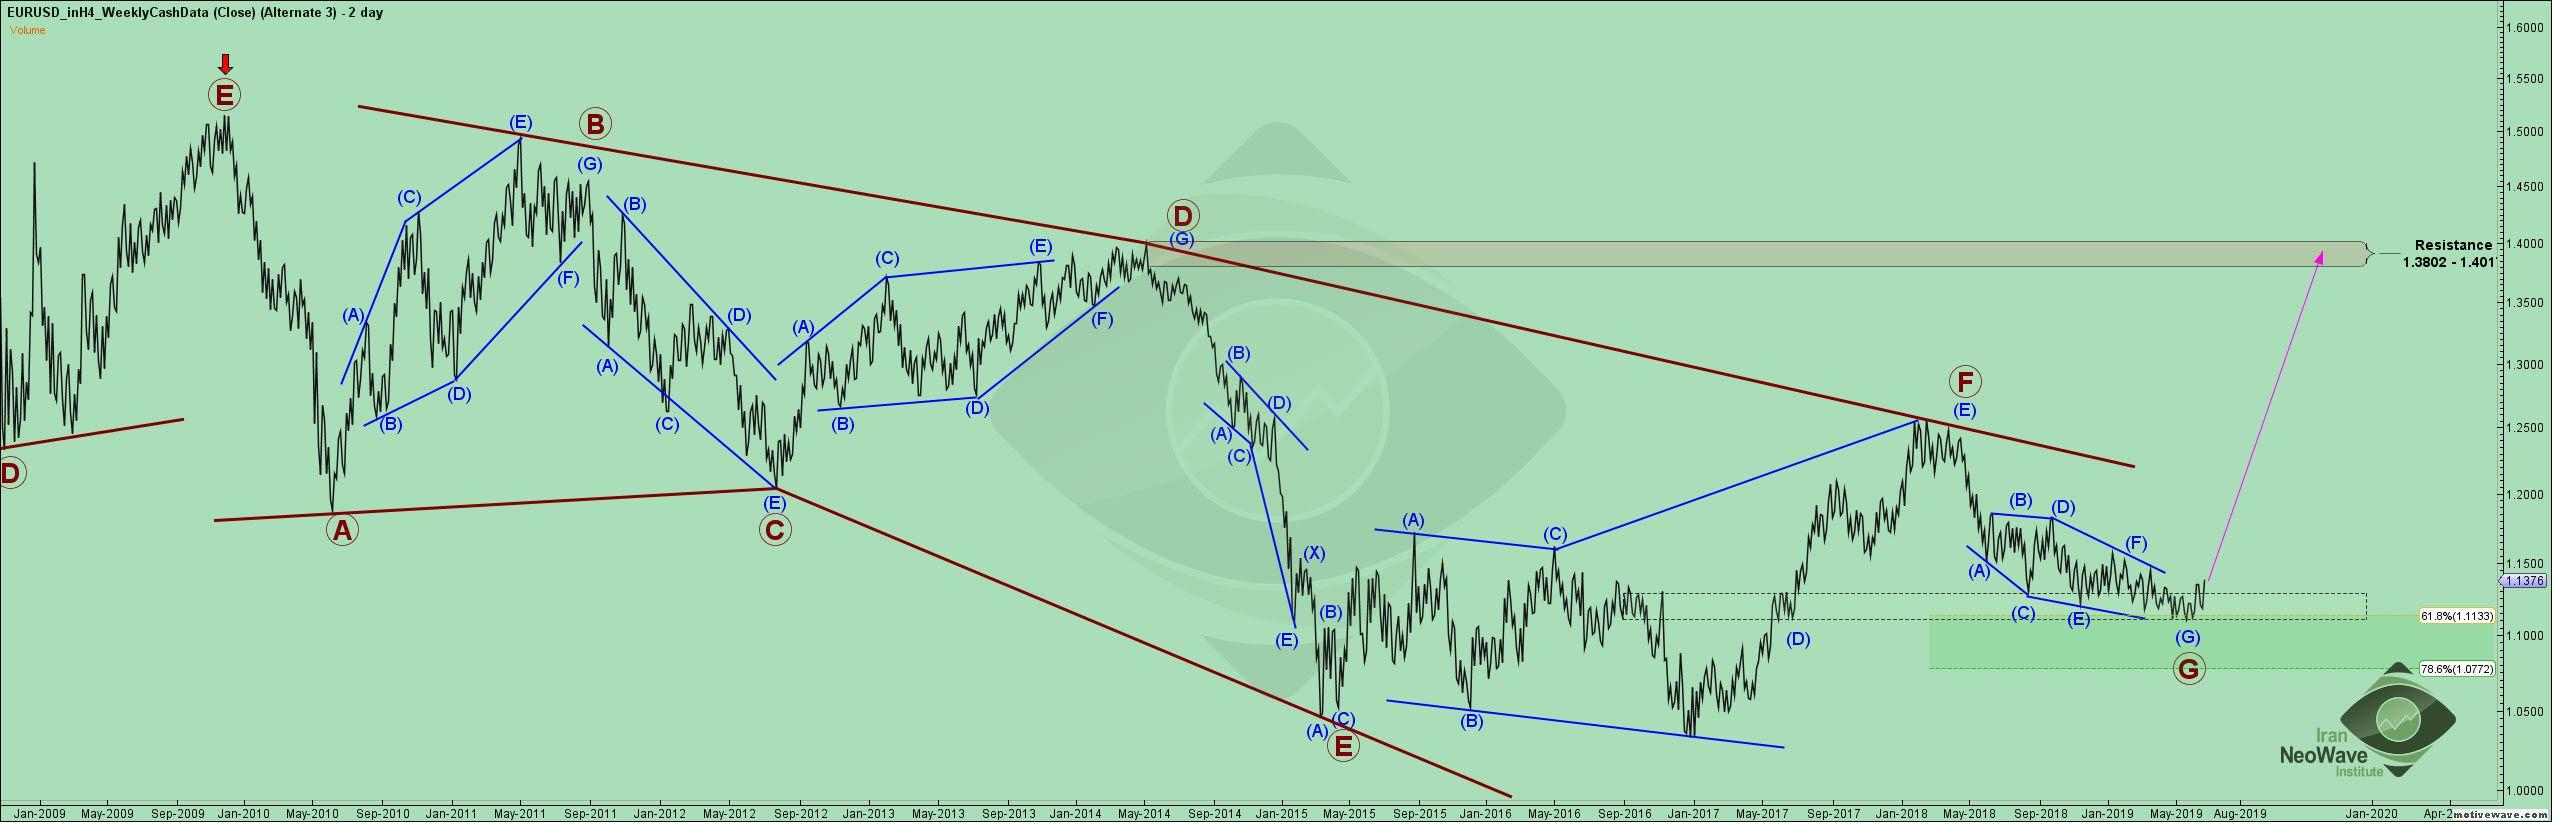 تحلیل یورو دلار شماره ۲۲ | موج شماری نئوویو چارت EURUSD | تایم فریم هفتگی